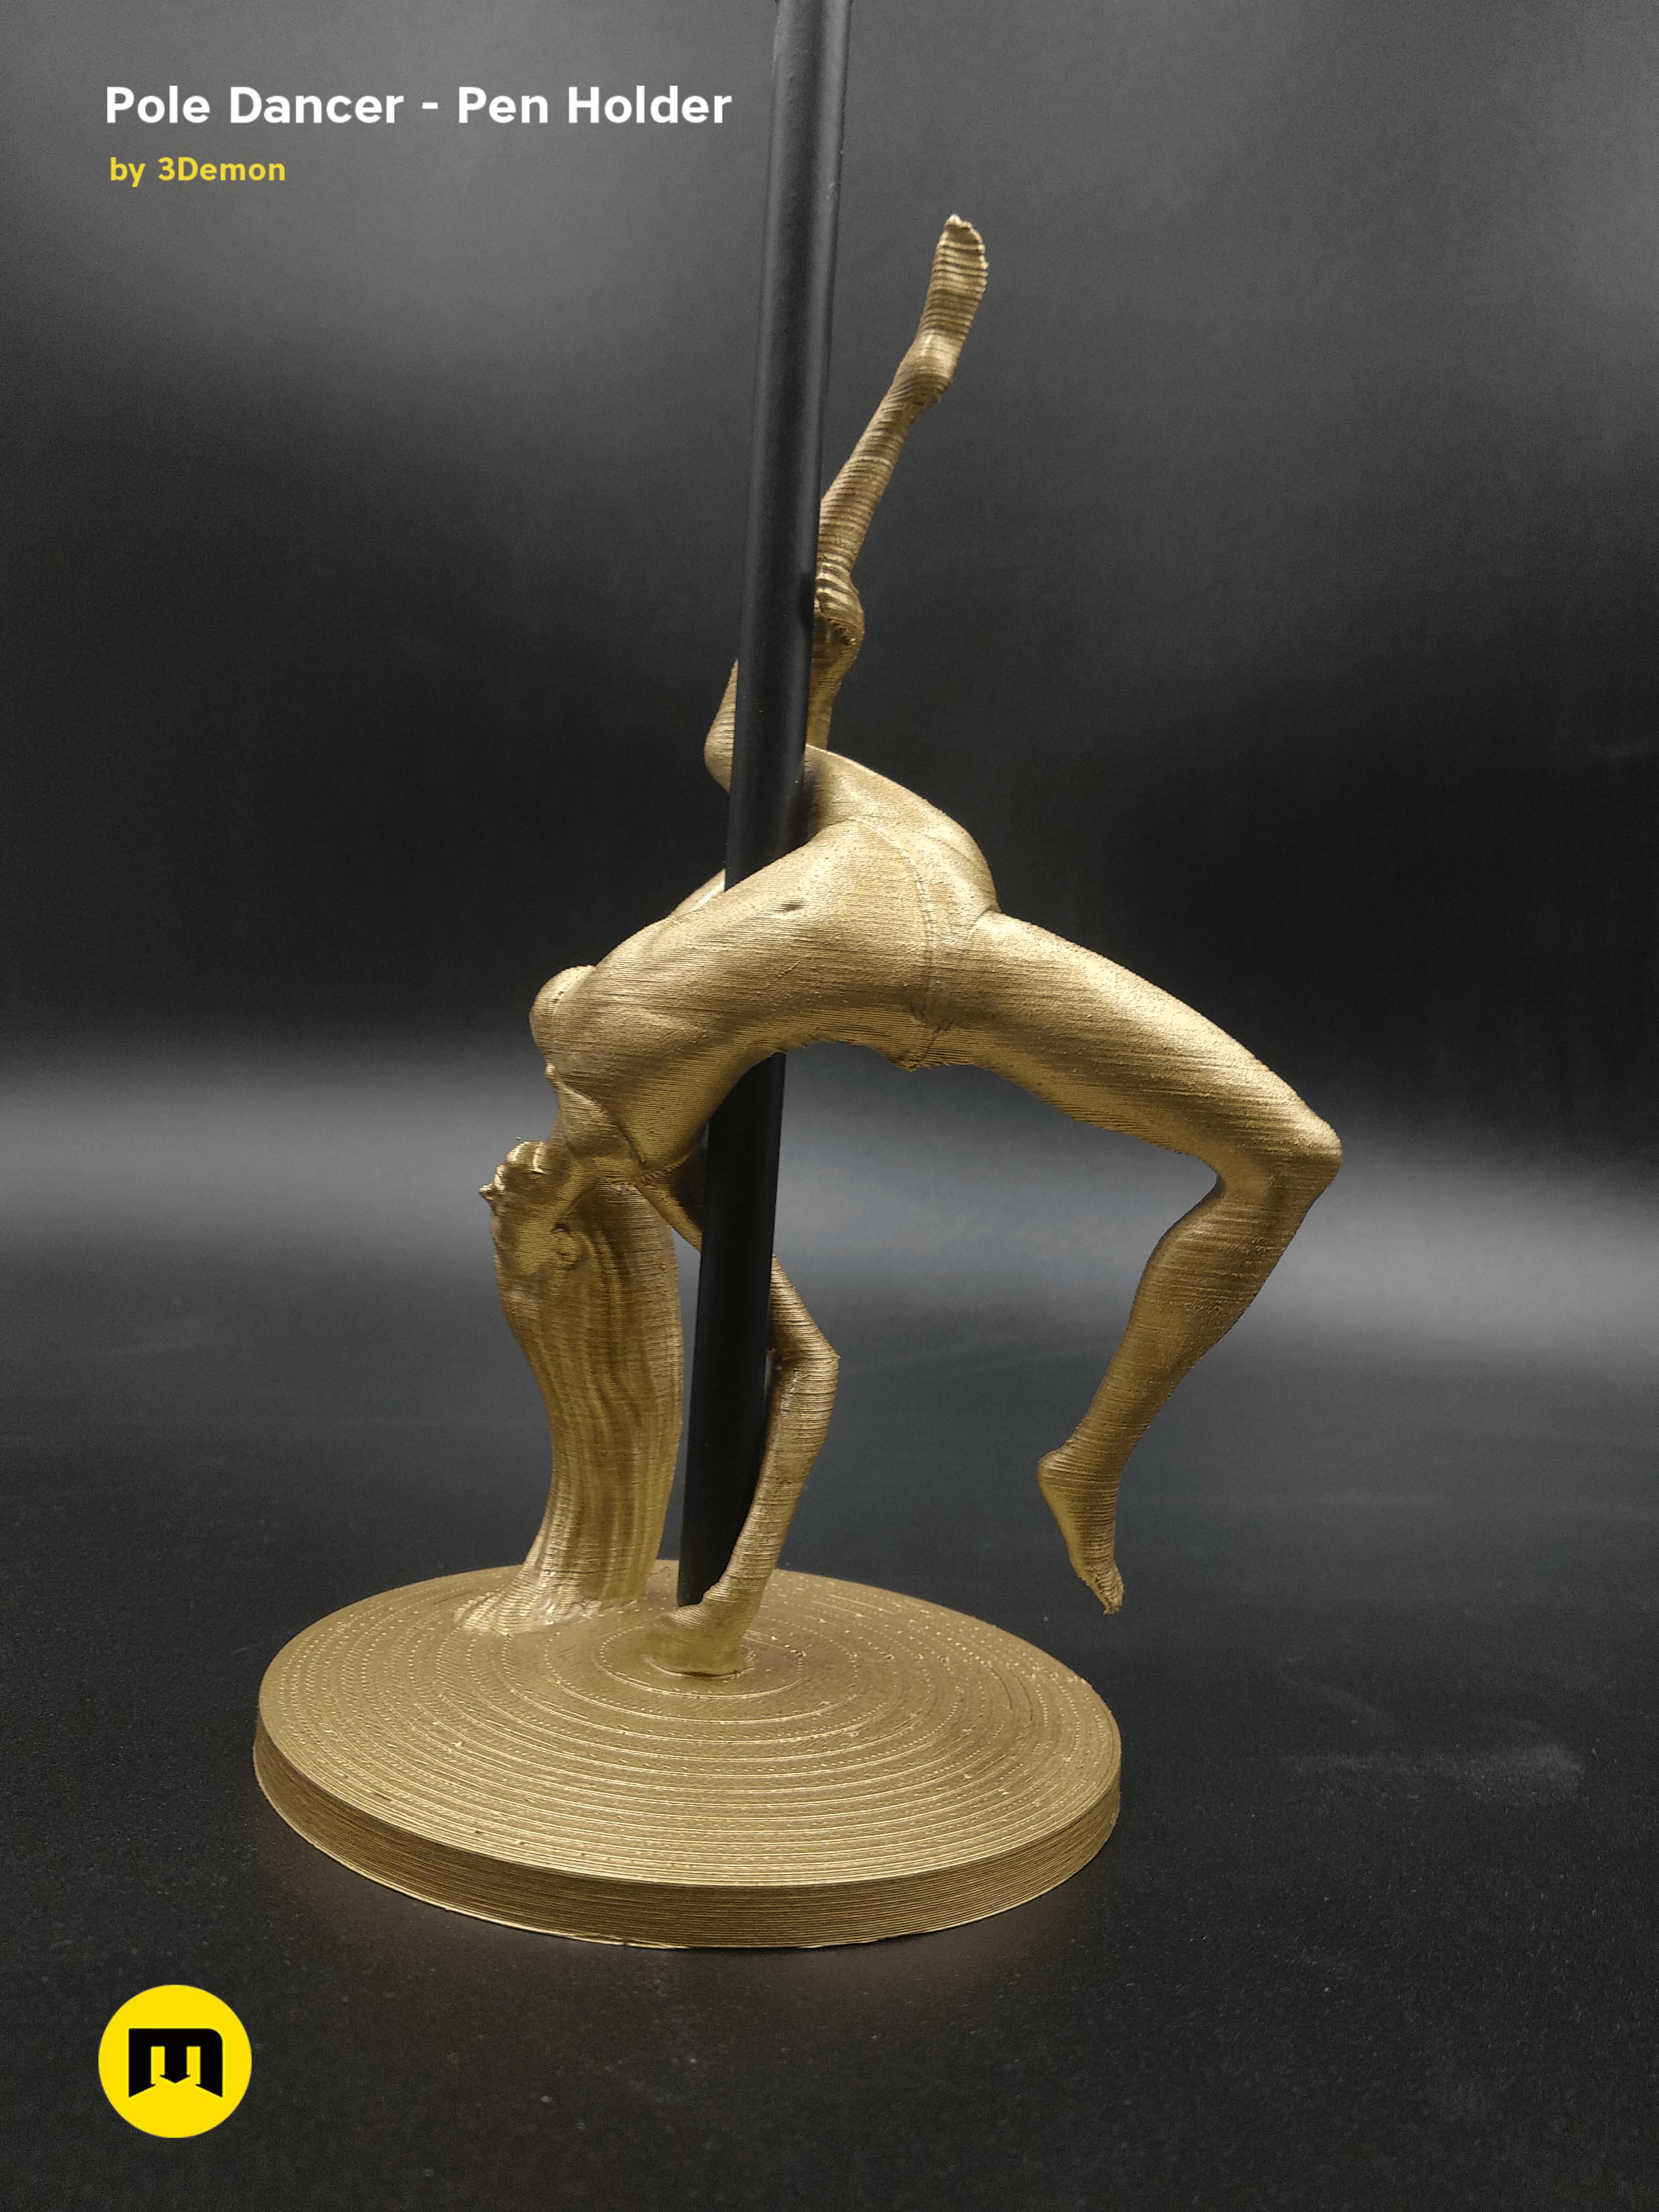 IMG_20190220_085210.png Download STL file Pole Dancer - Pen Holder • Object to 3D print, 3D-mon